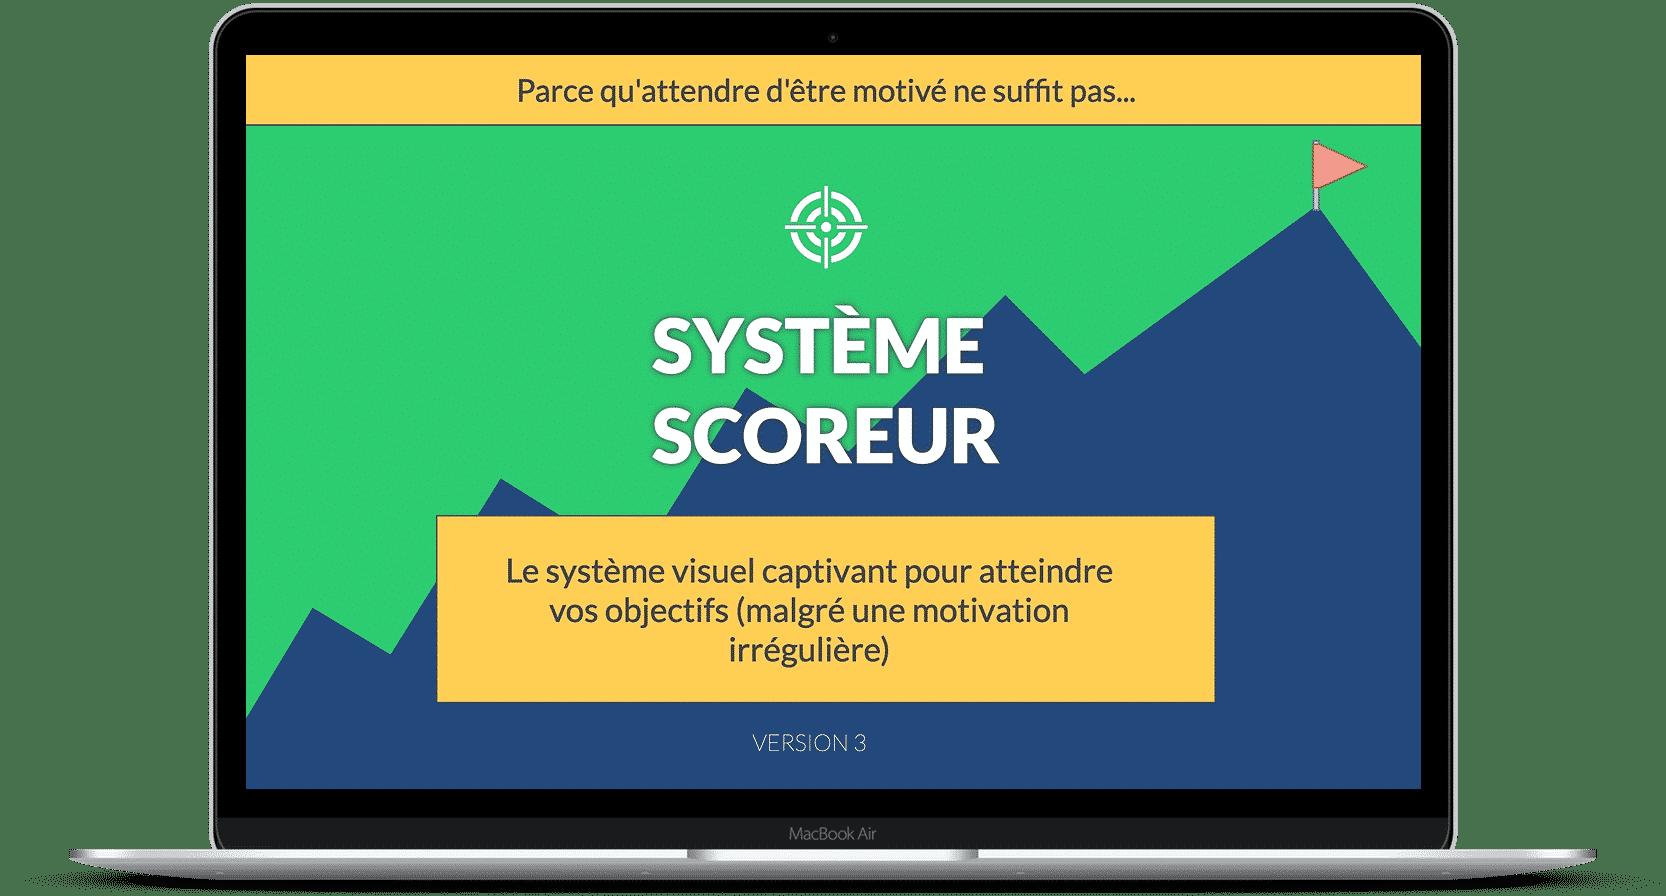 système scoreur v3